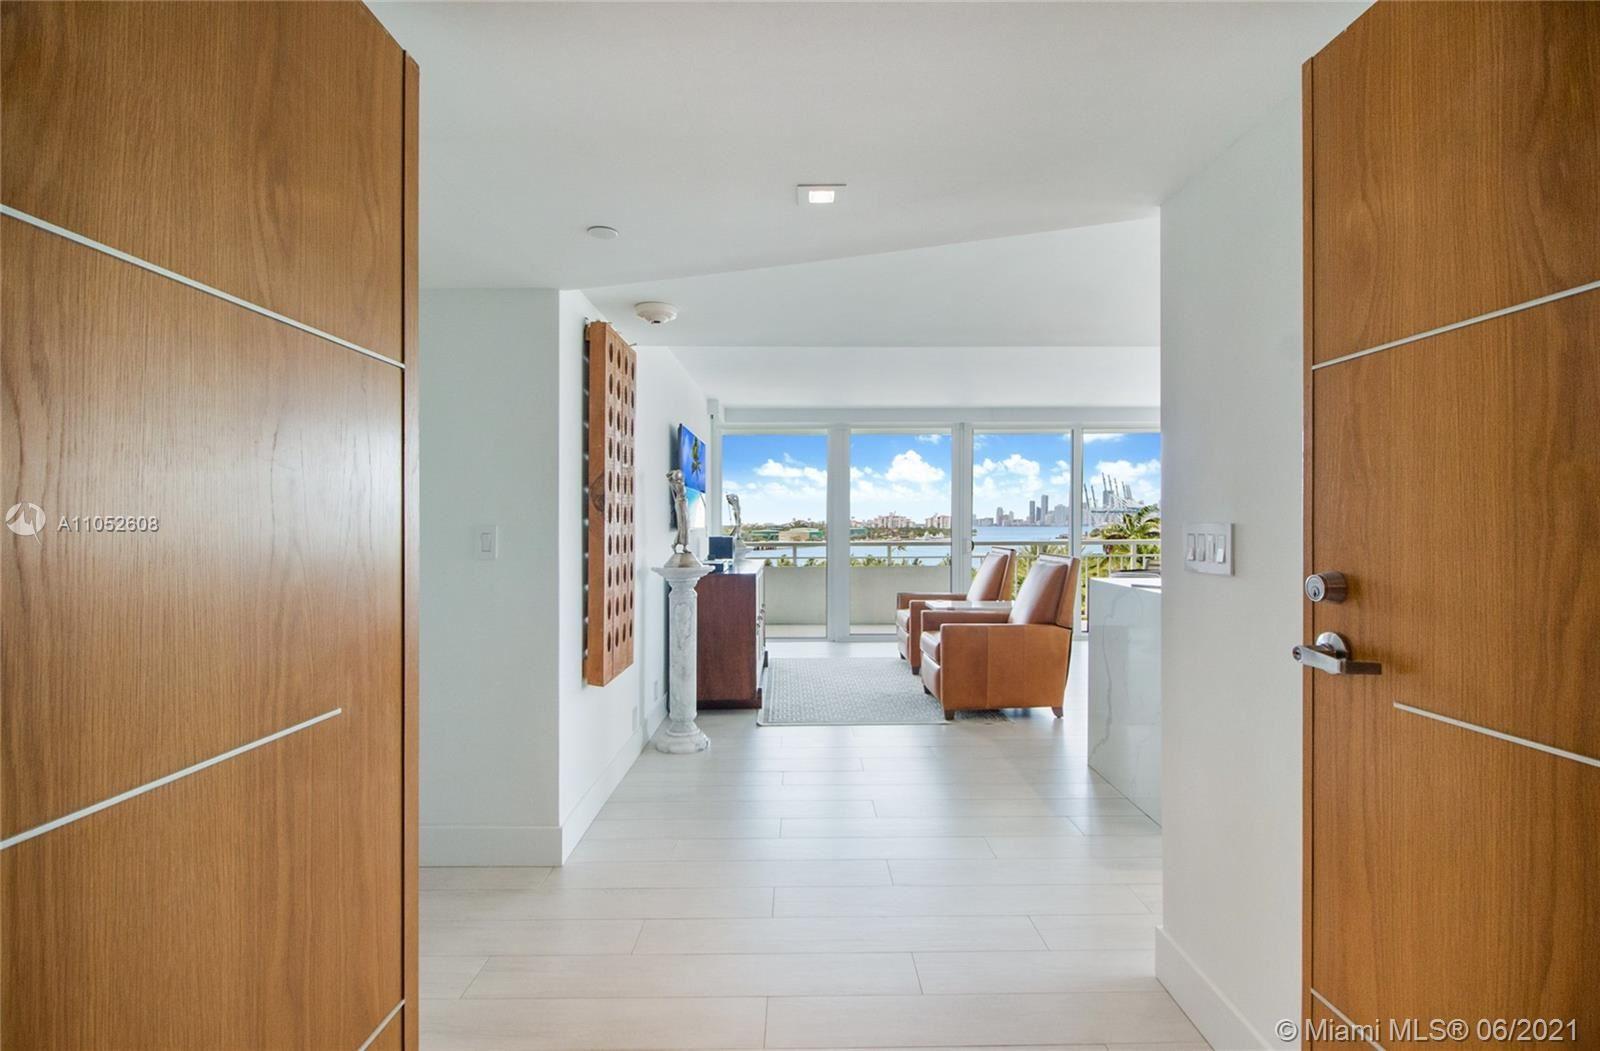 400 S Pointe Dr #709, Miami Beach, FL 33139 - #: A11052608